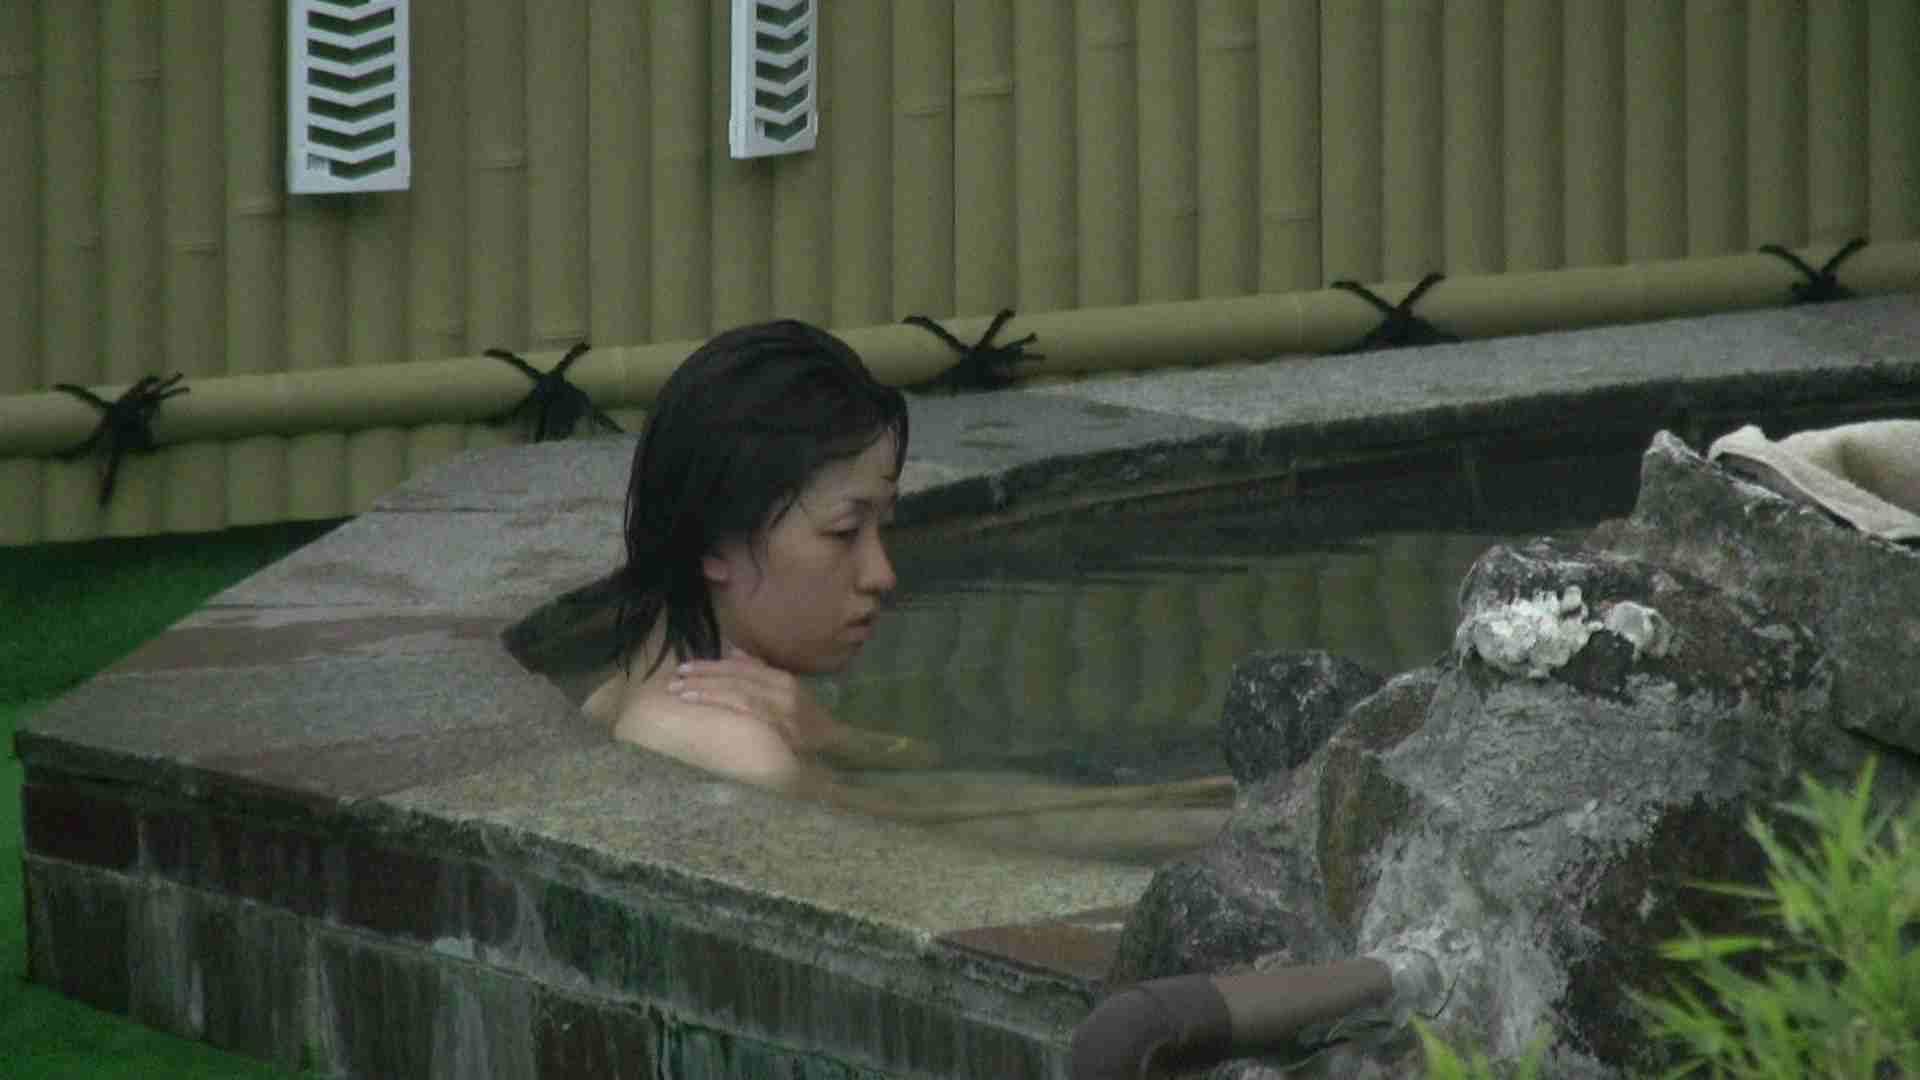 Aquaな露天風呂Vol.170 盗撮大放出 オメコ動画キャプチャ 65連発 10